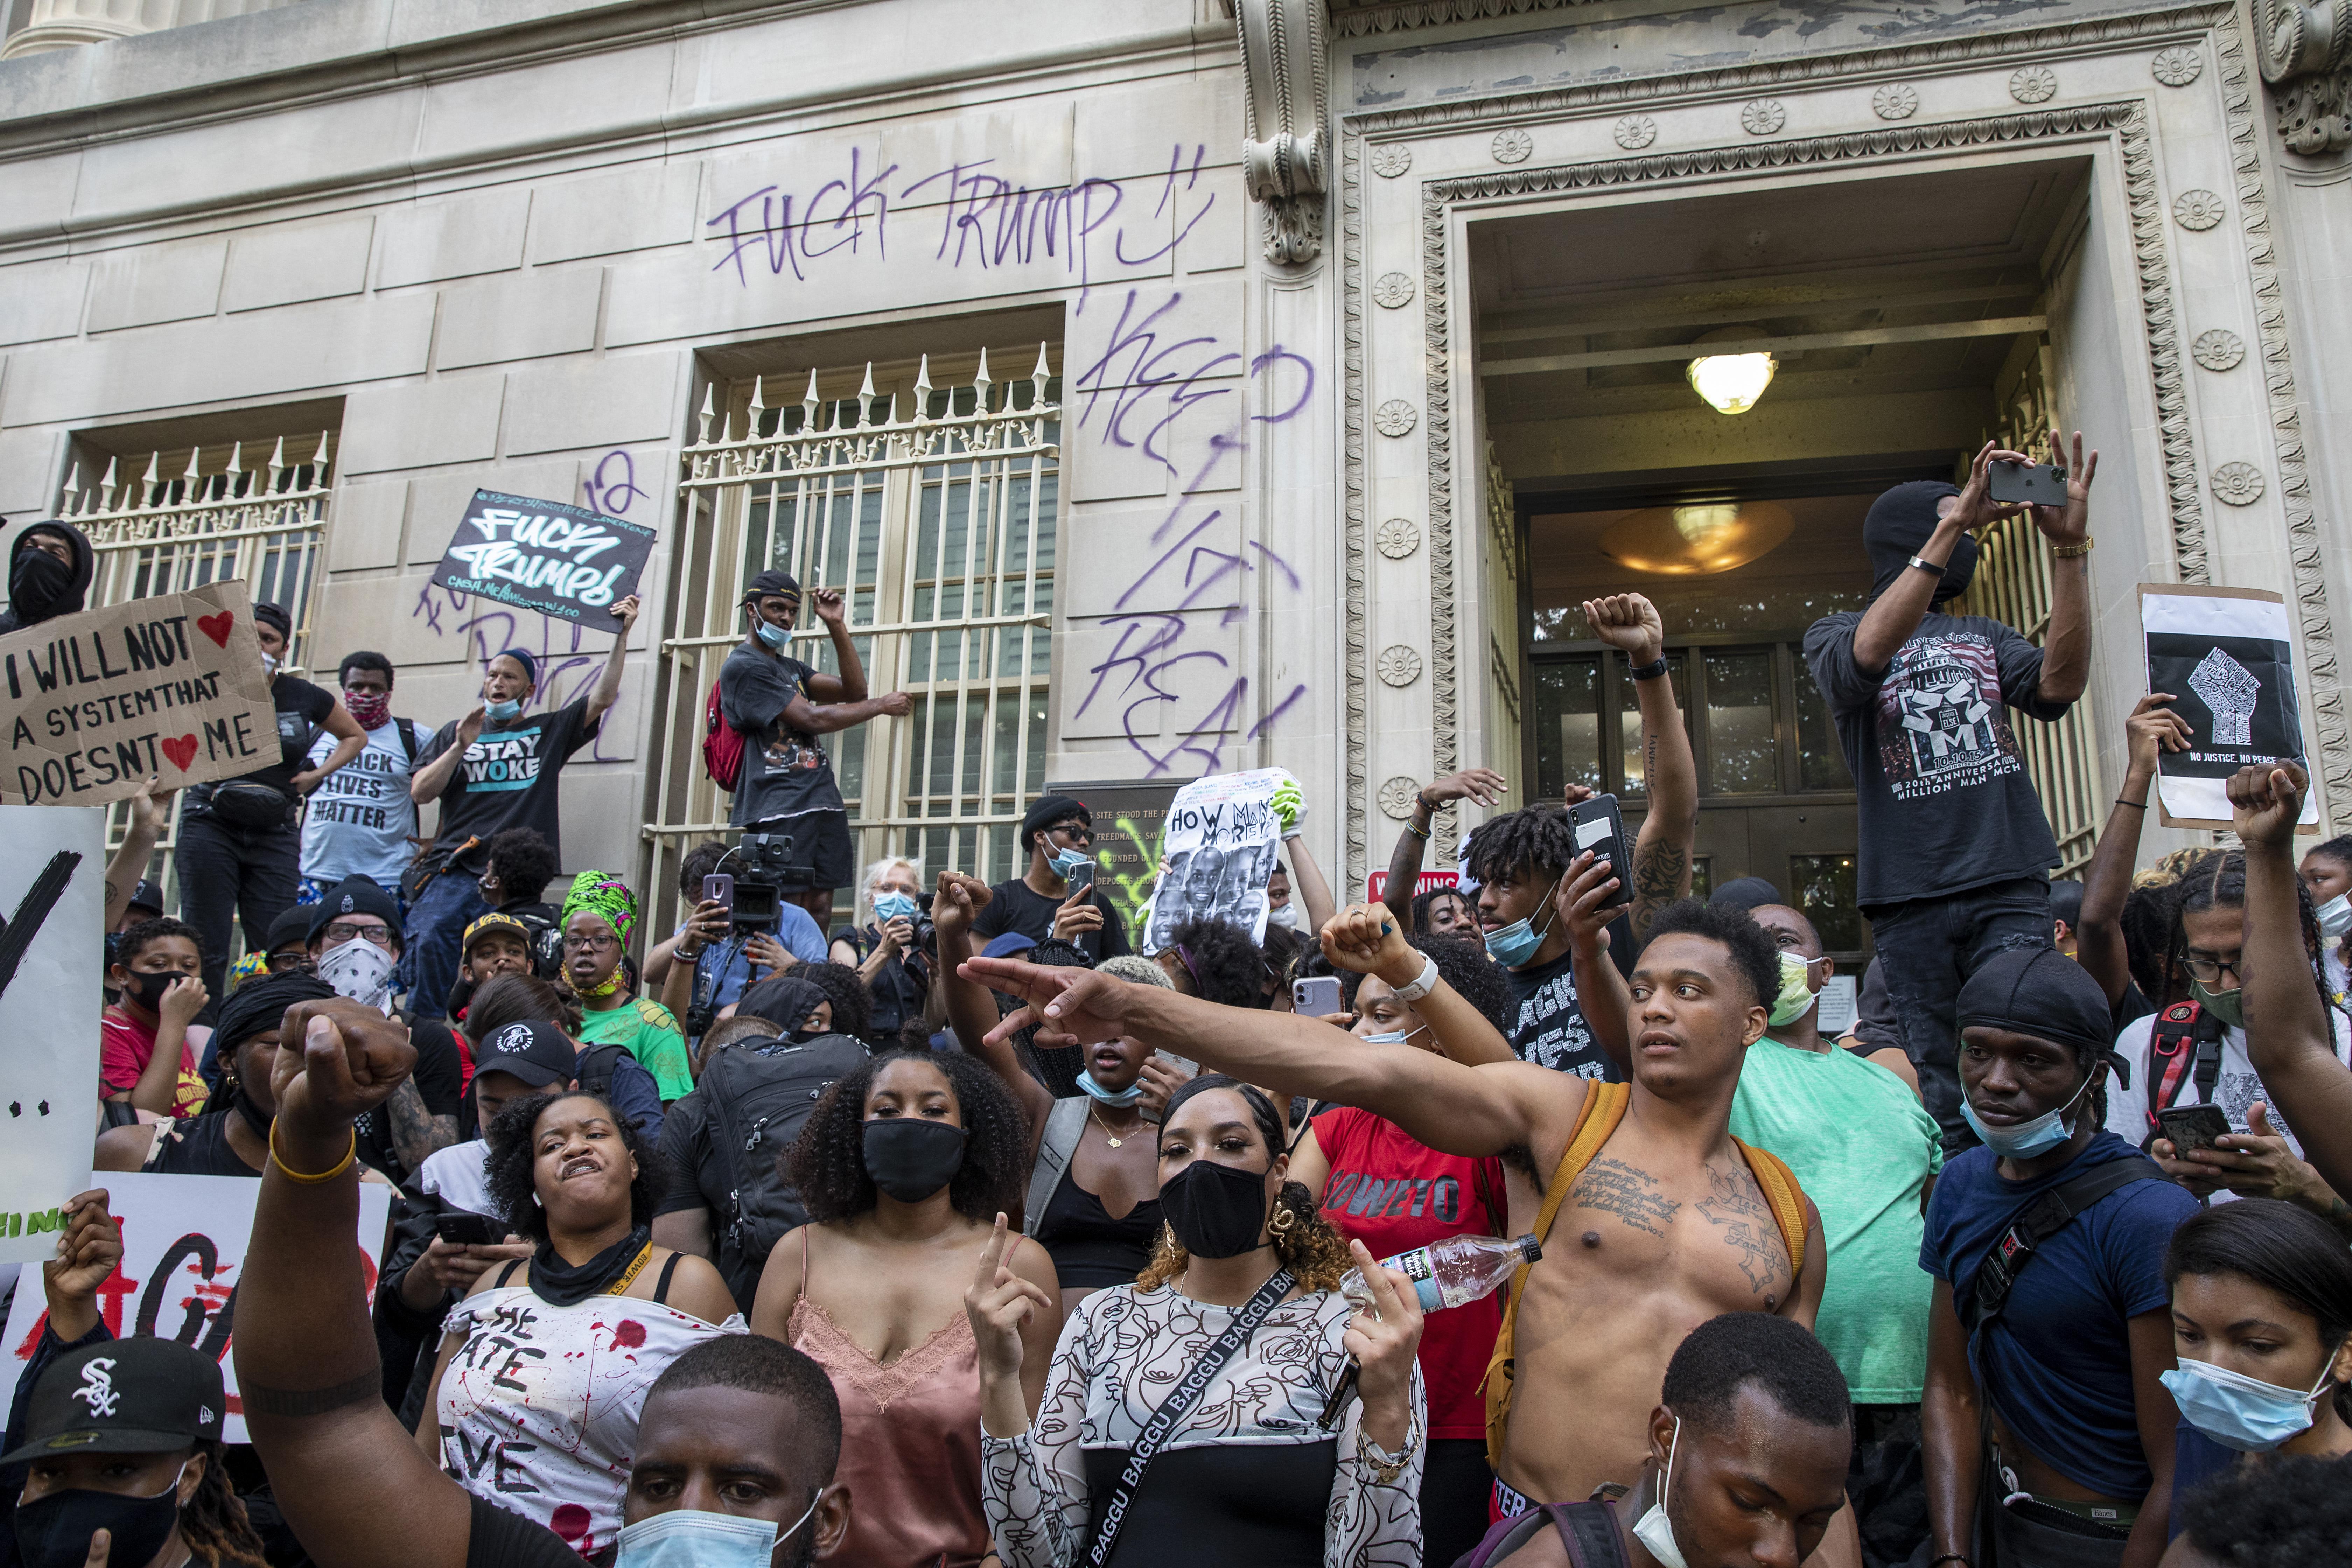 Már kisebb városokban is rendőrökre támadtak a George Floyd halála miatt tüntetők az Egyesült Államokban